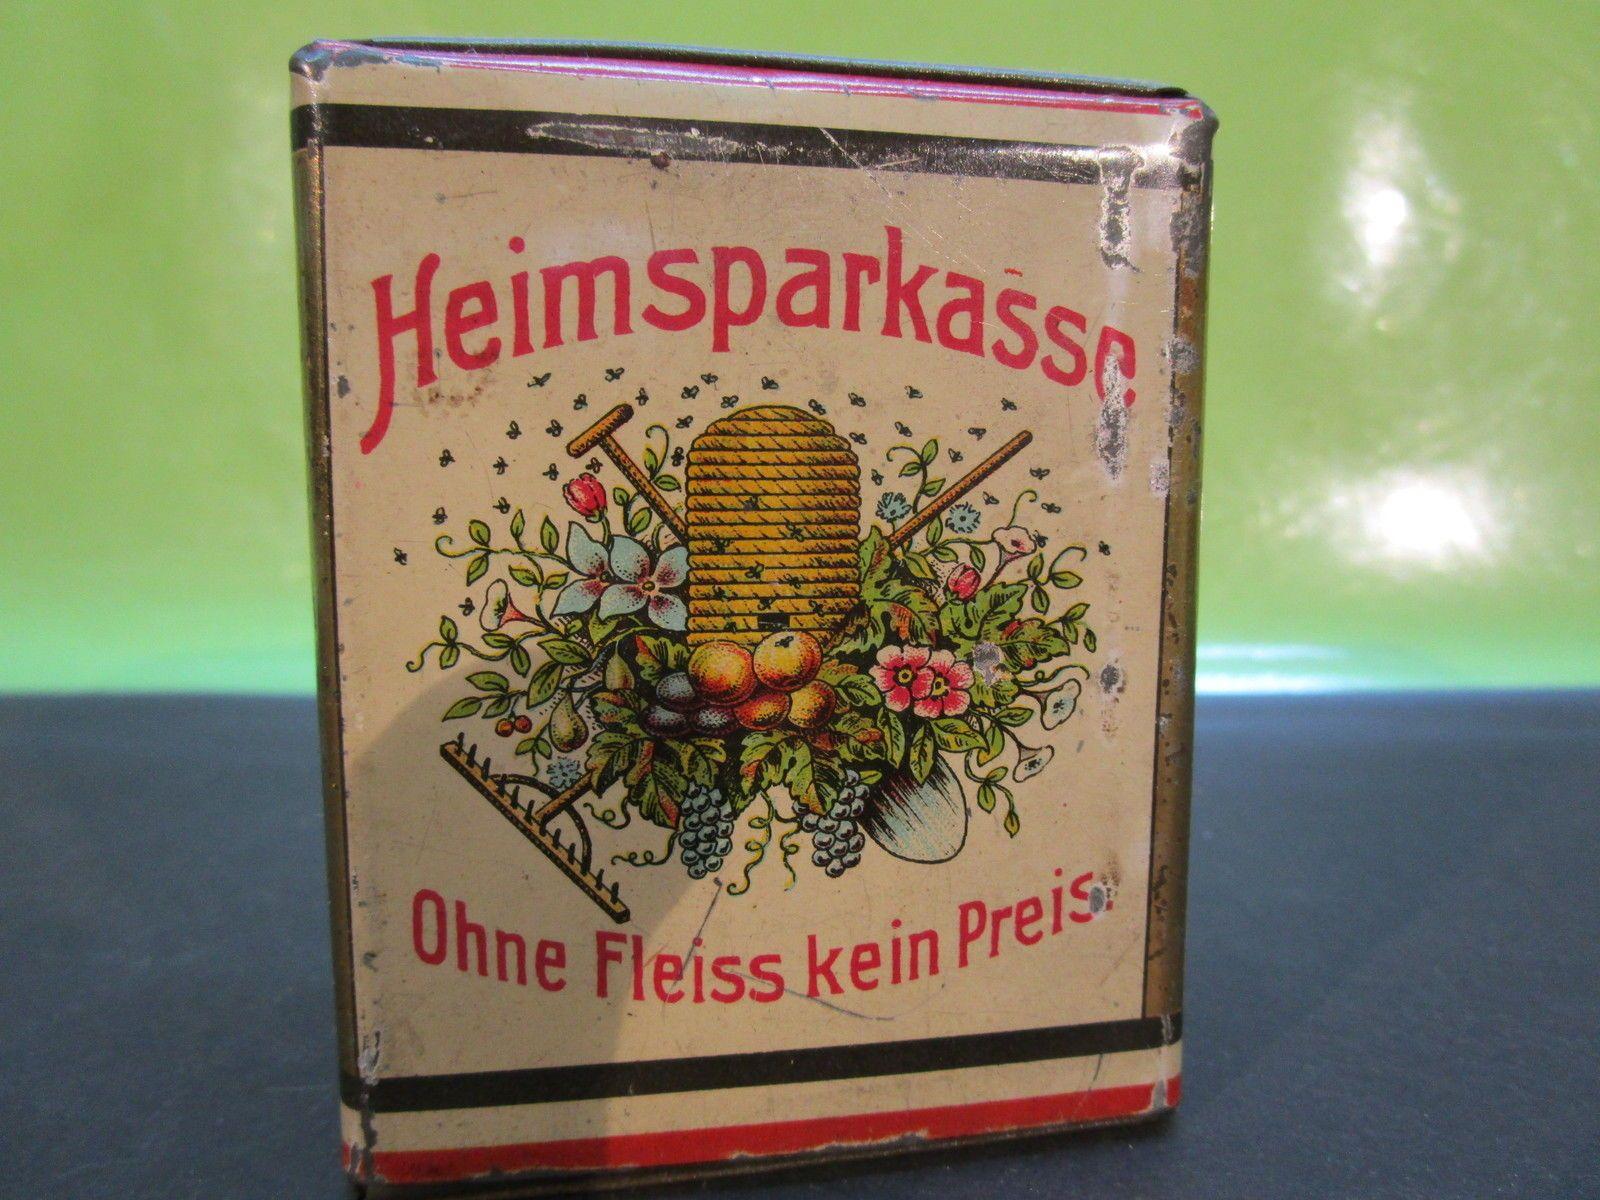 alte Spardose HEIMSPARKASSE - Blech Sparbüchse - vor 1945 | eBay